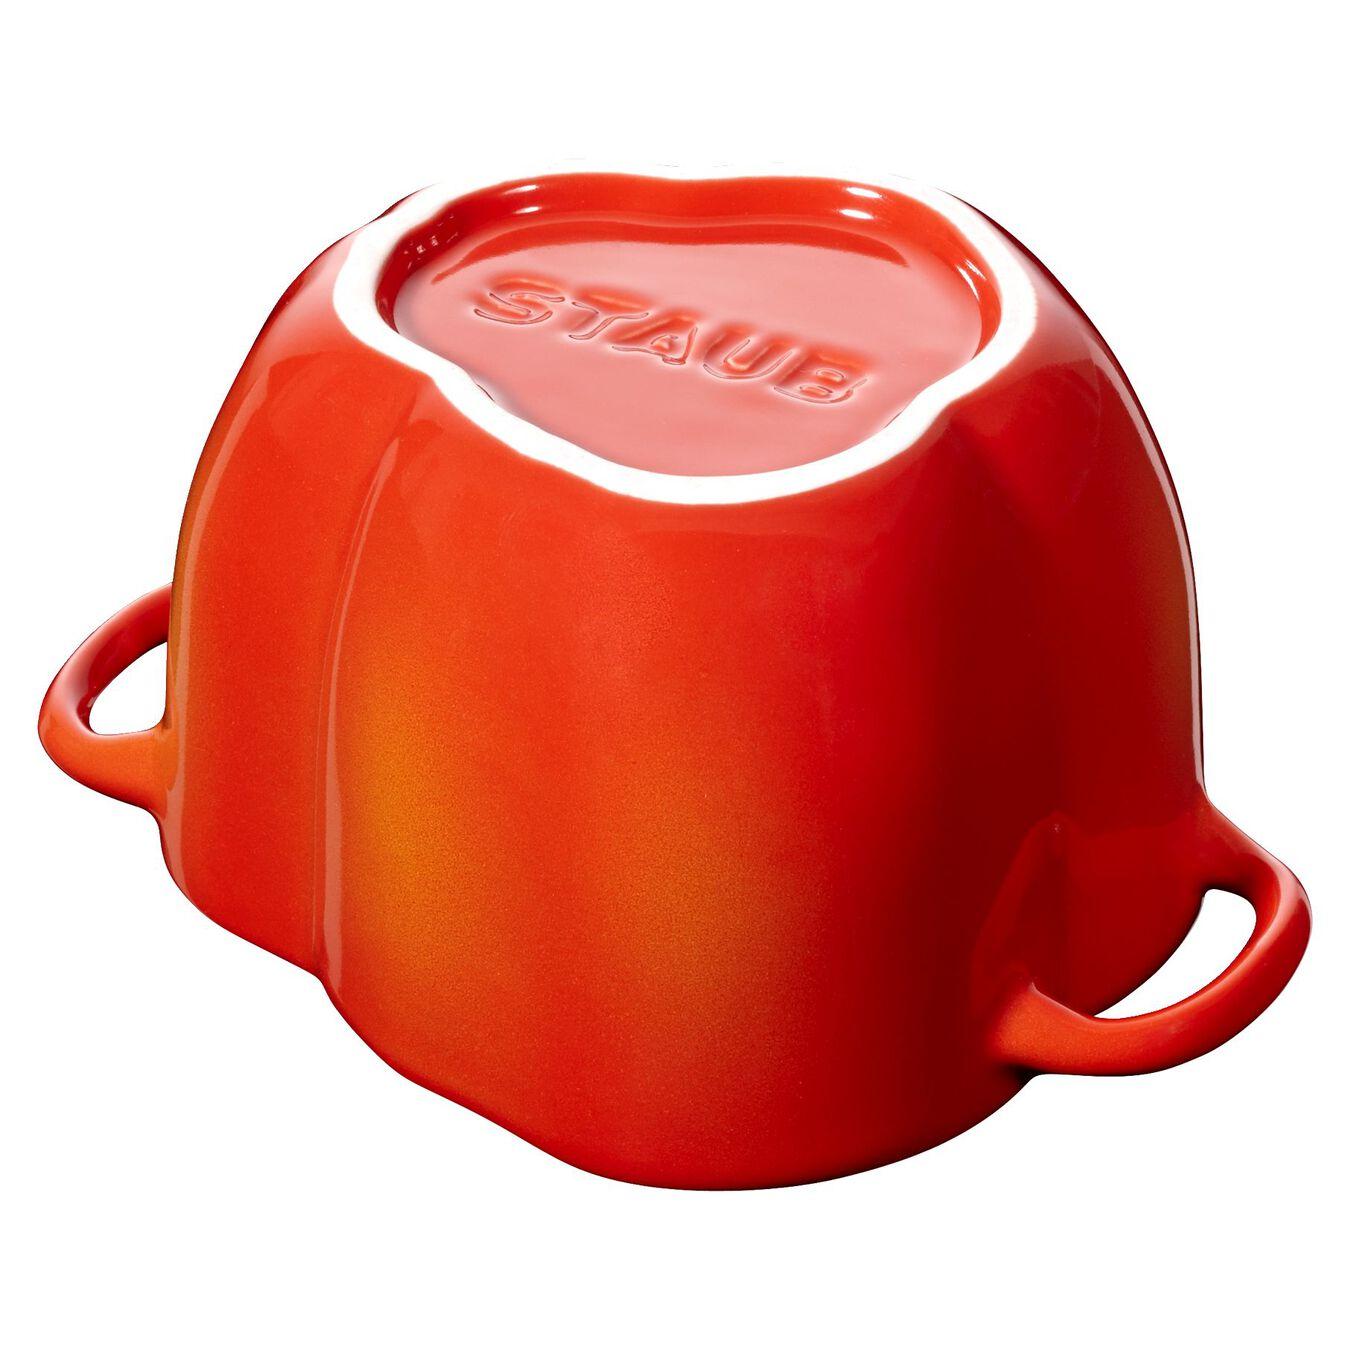 Cocotte 11 cm, Poivron, Orange et rouge, Céramique,,large 6